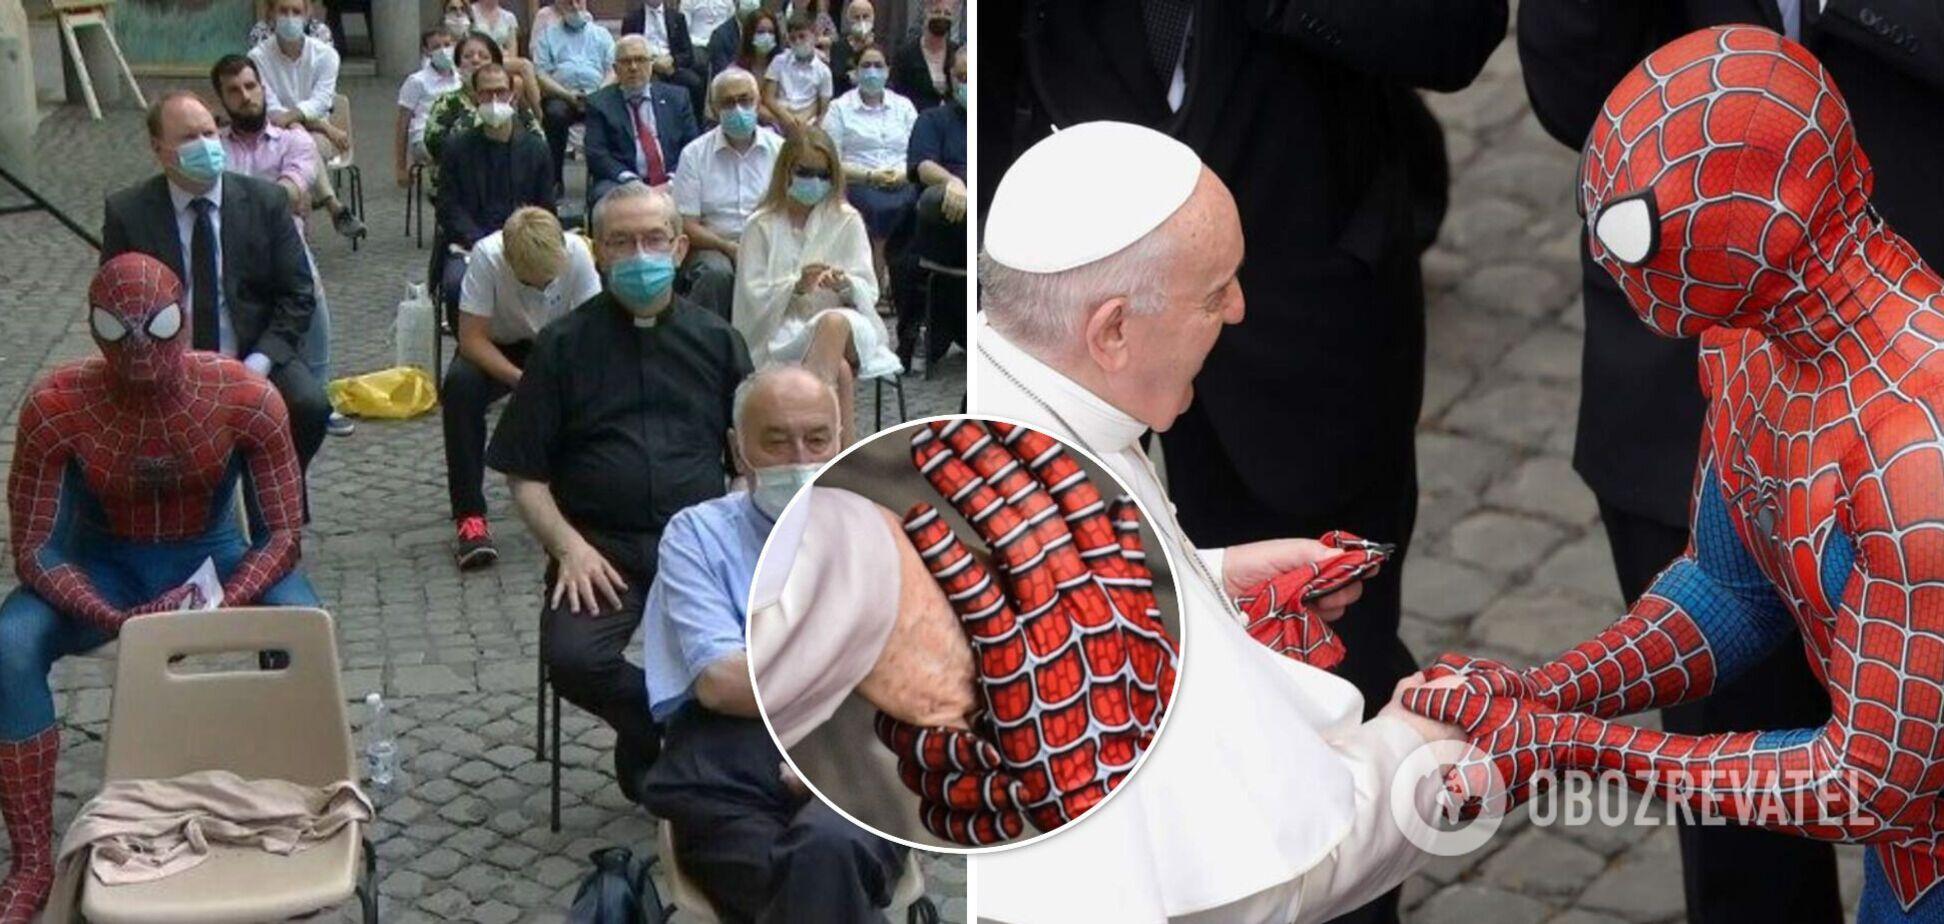 Папа Римский провел аудиенцию с Человеком-Пауком. Фото и видео встречи понтифика и супергероя